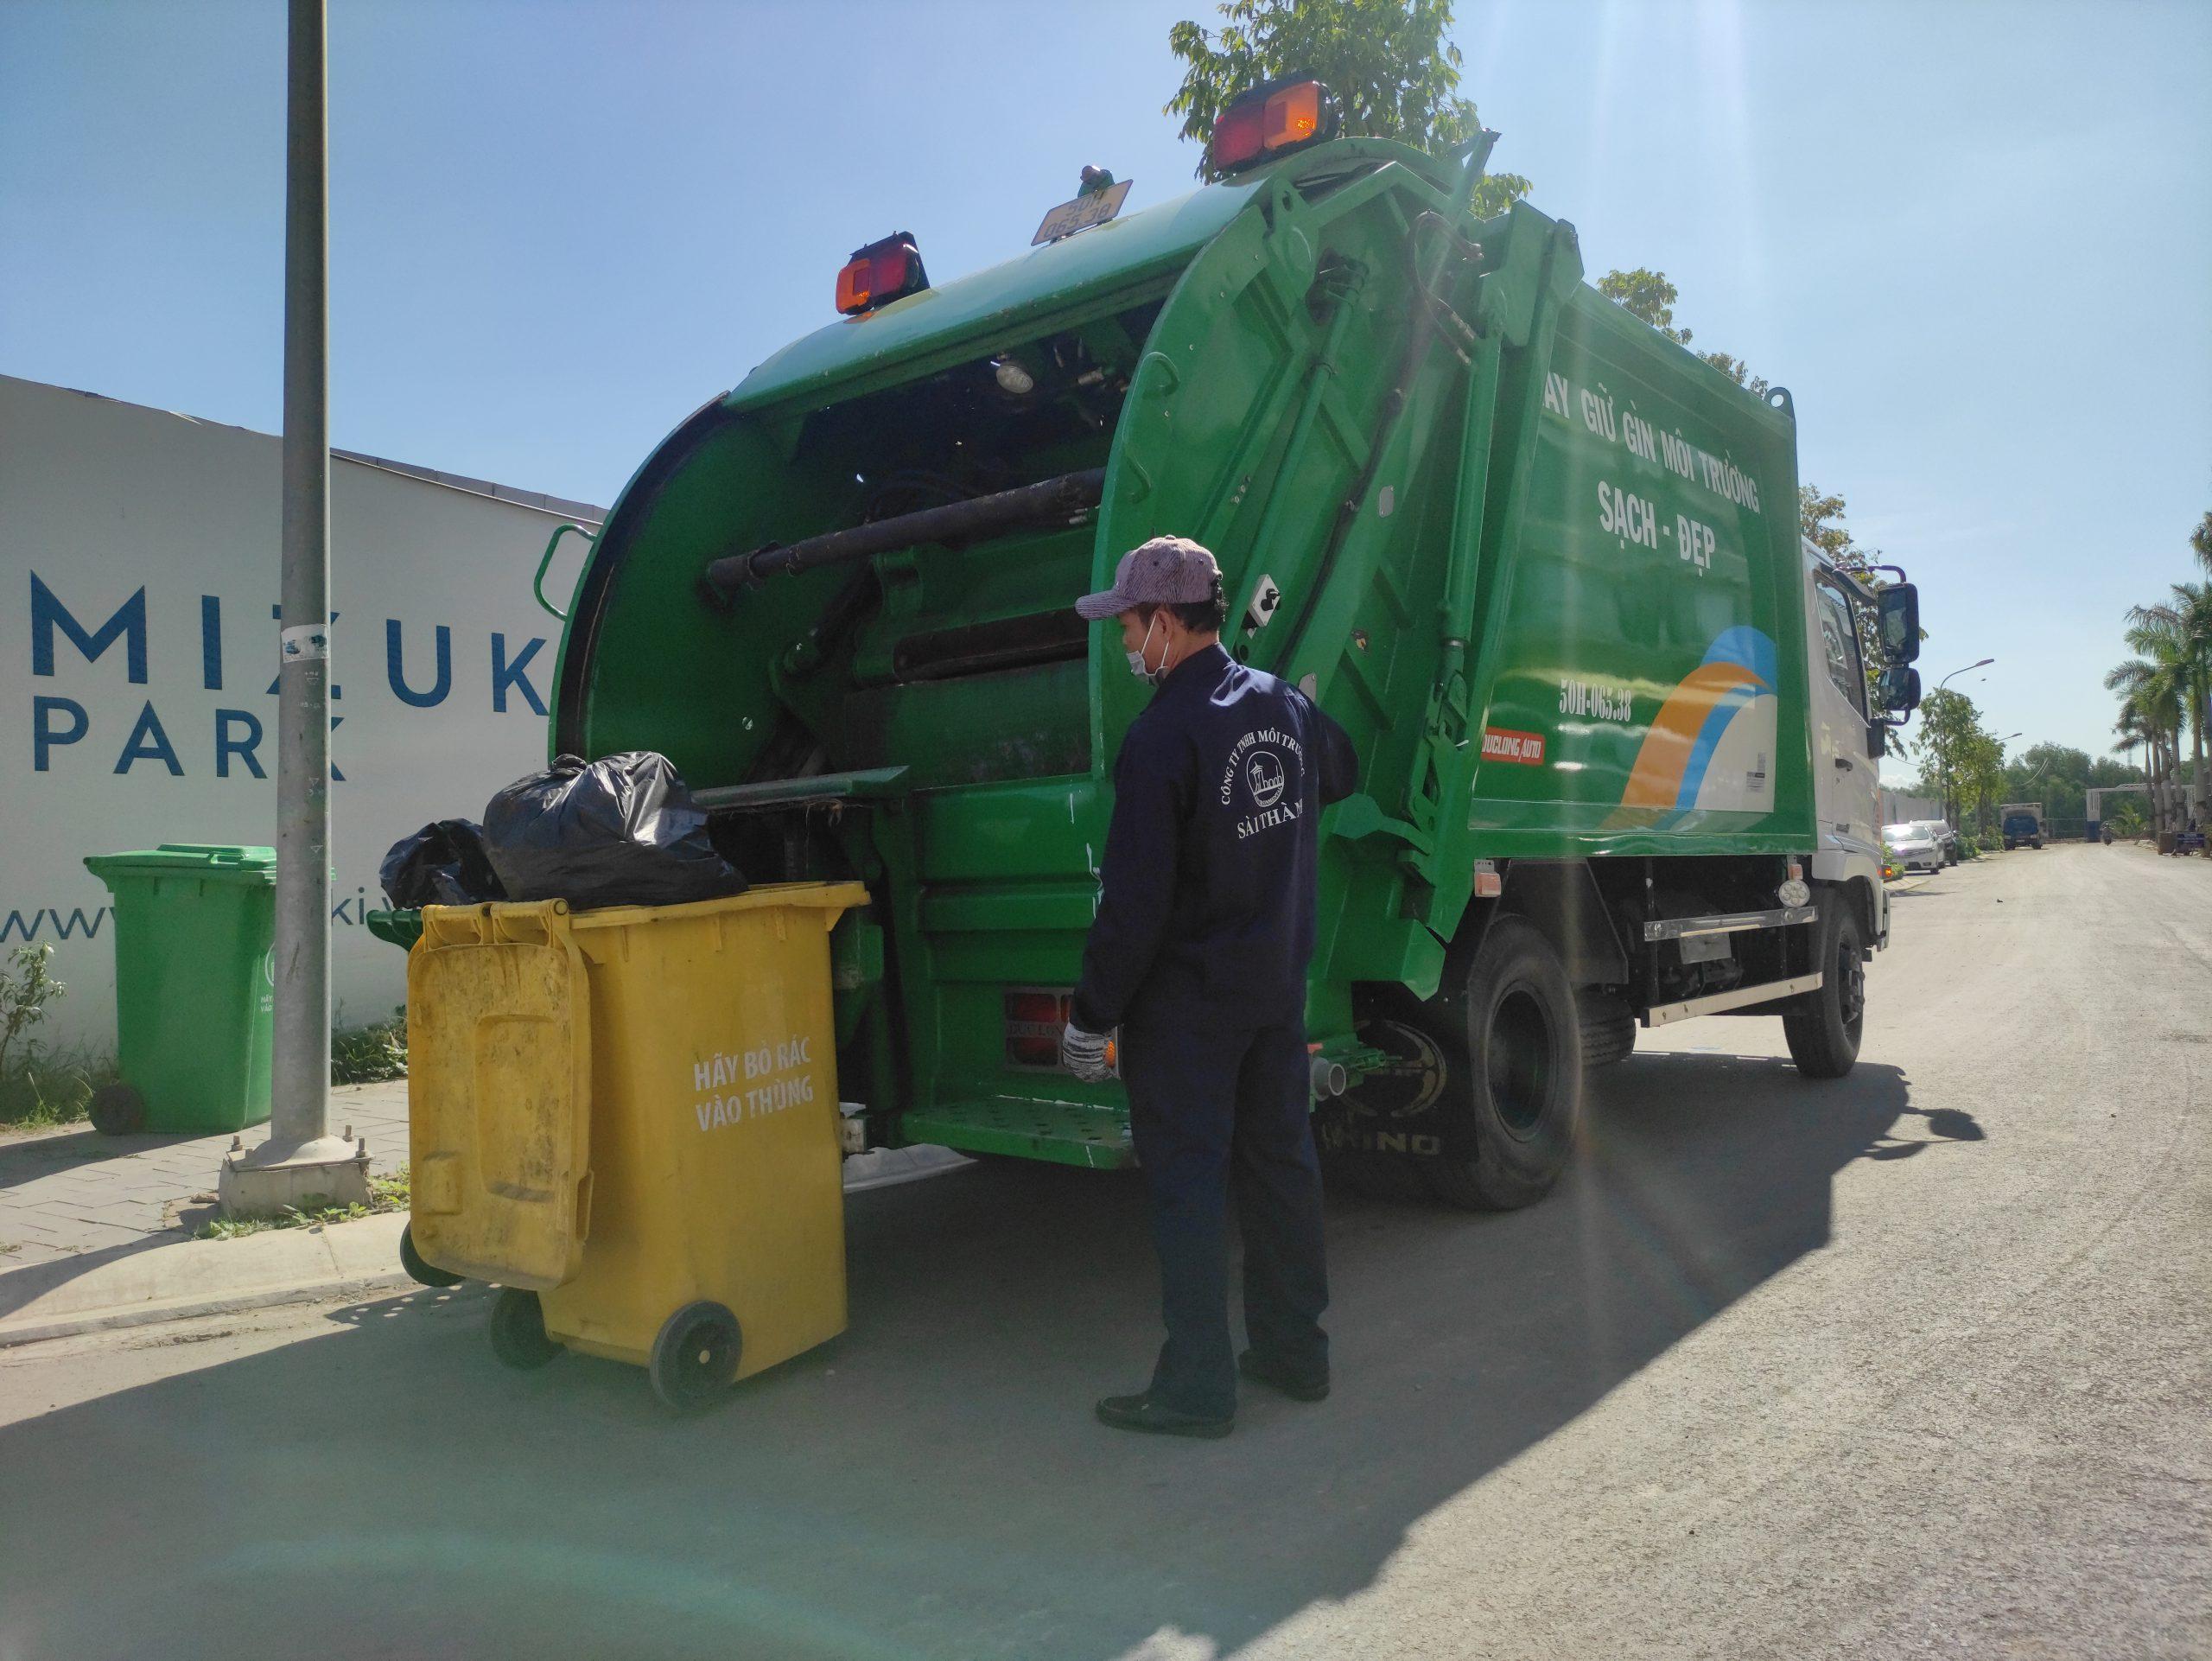 Thu gom rác sinh hoạt tại công trình xây dựng